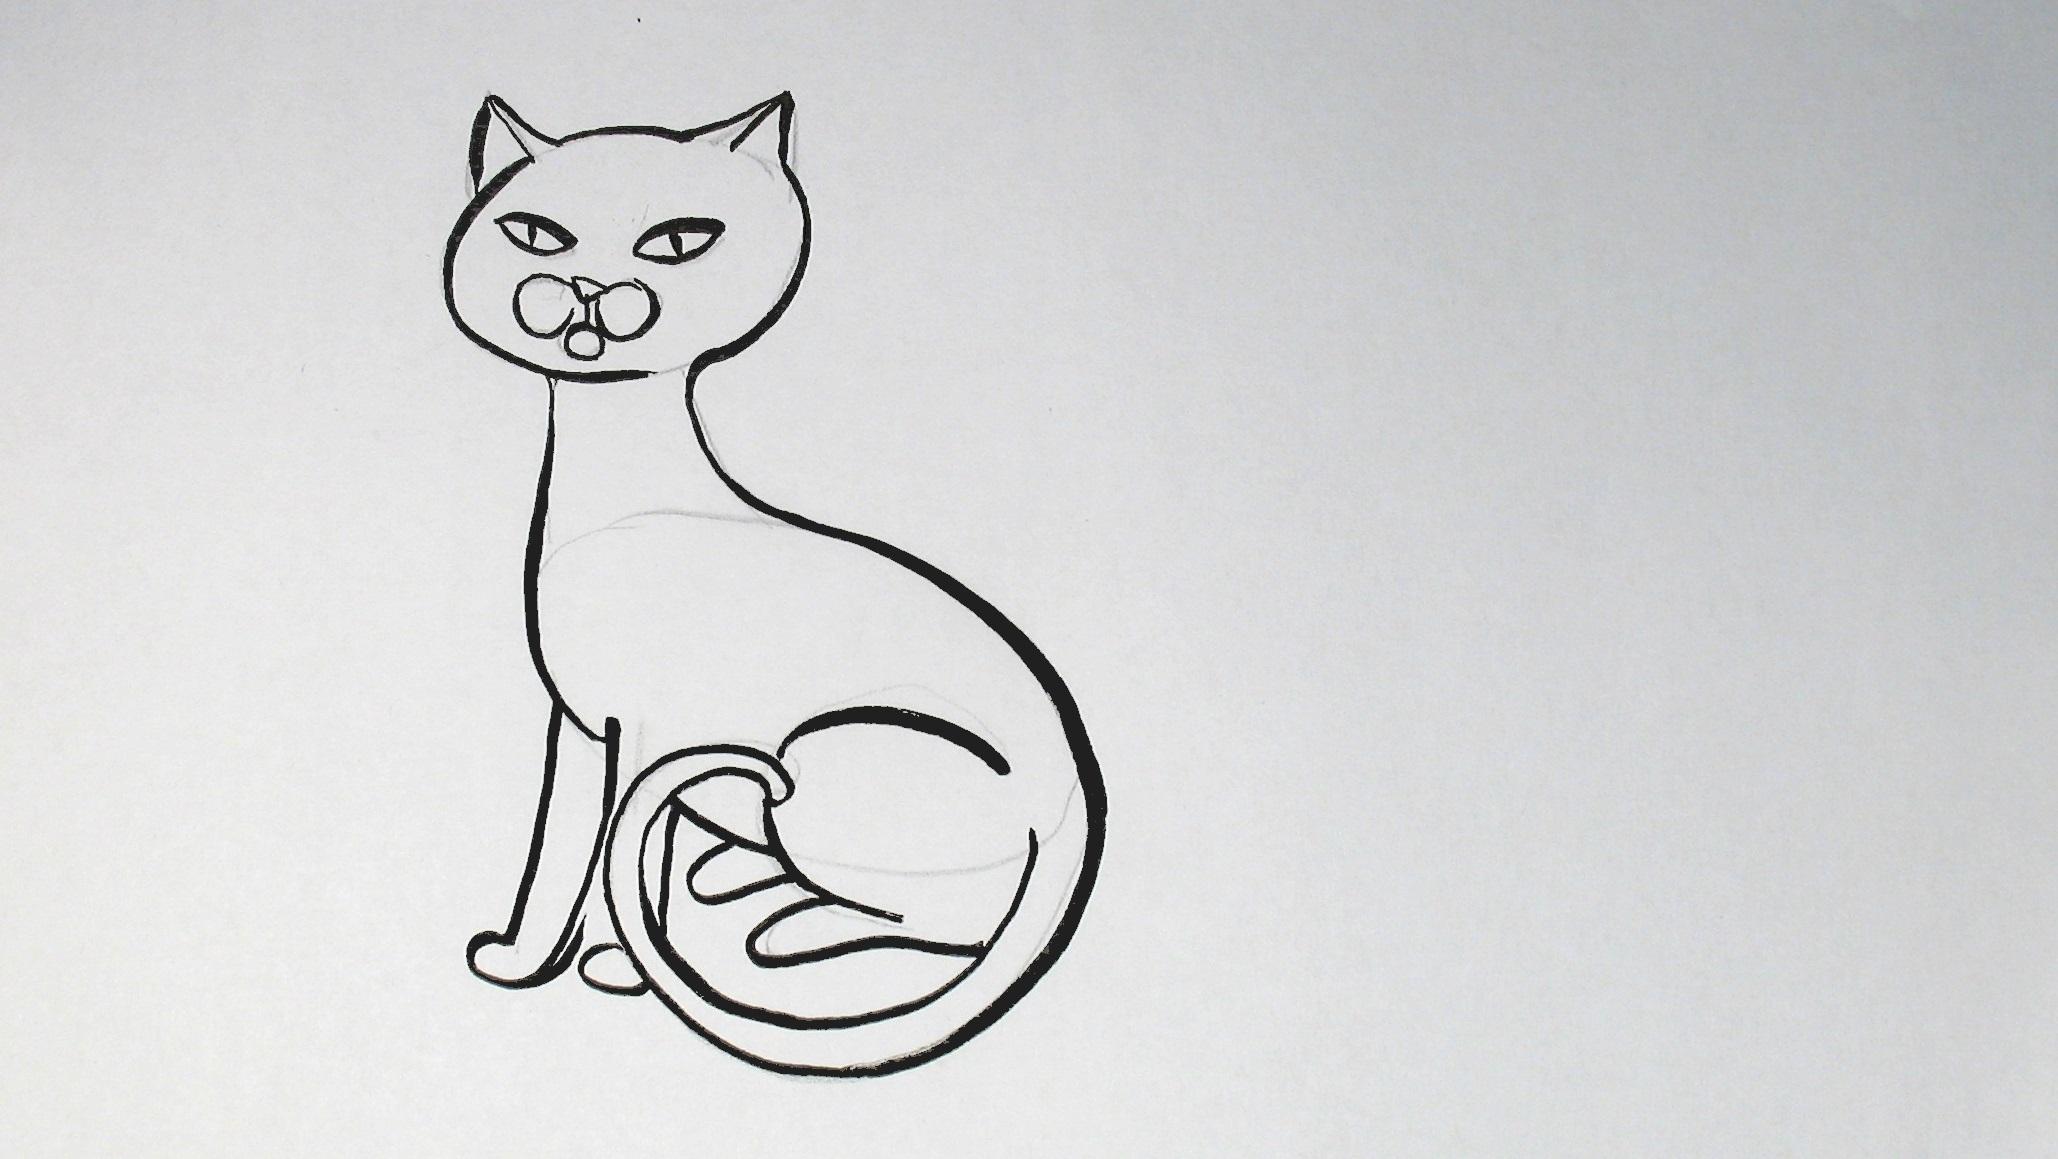 Péro k velké pro kočička